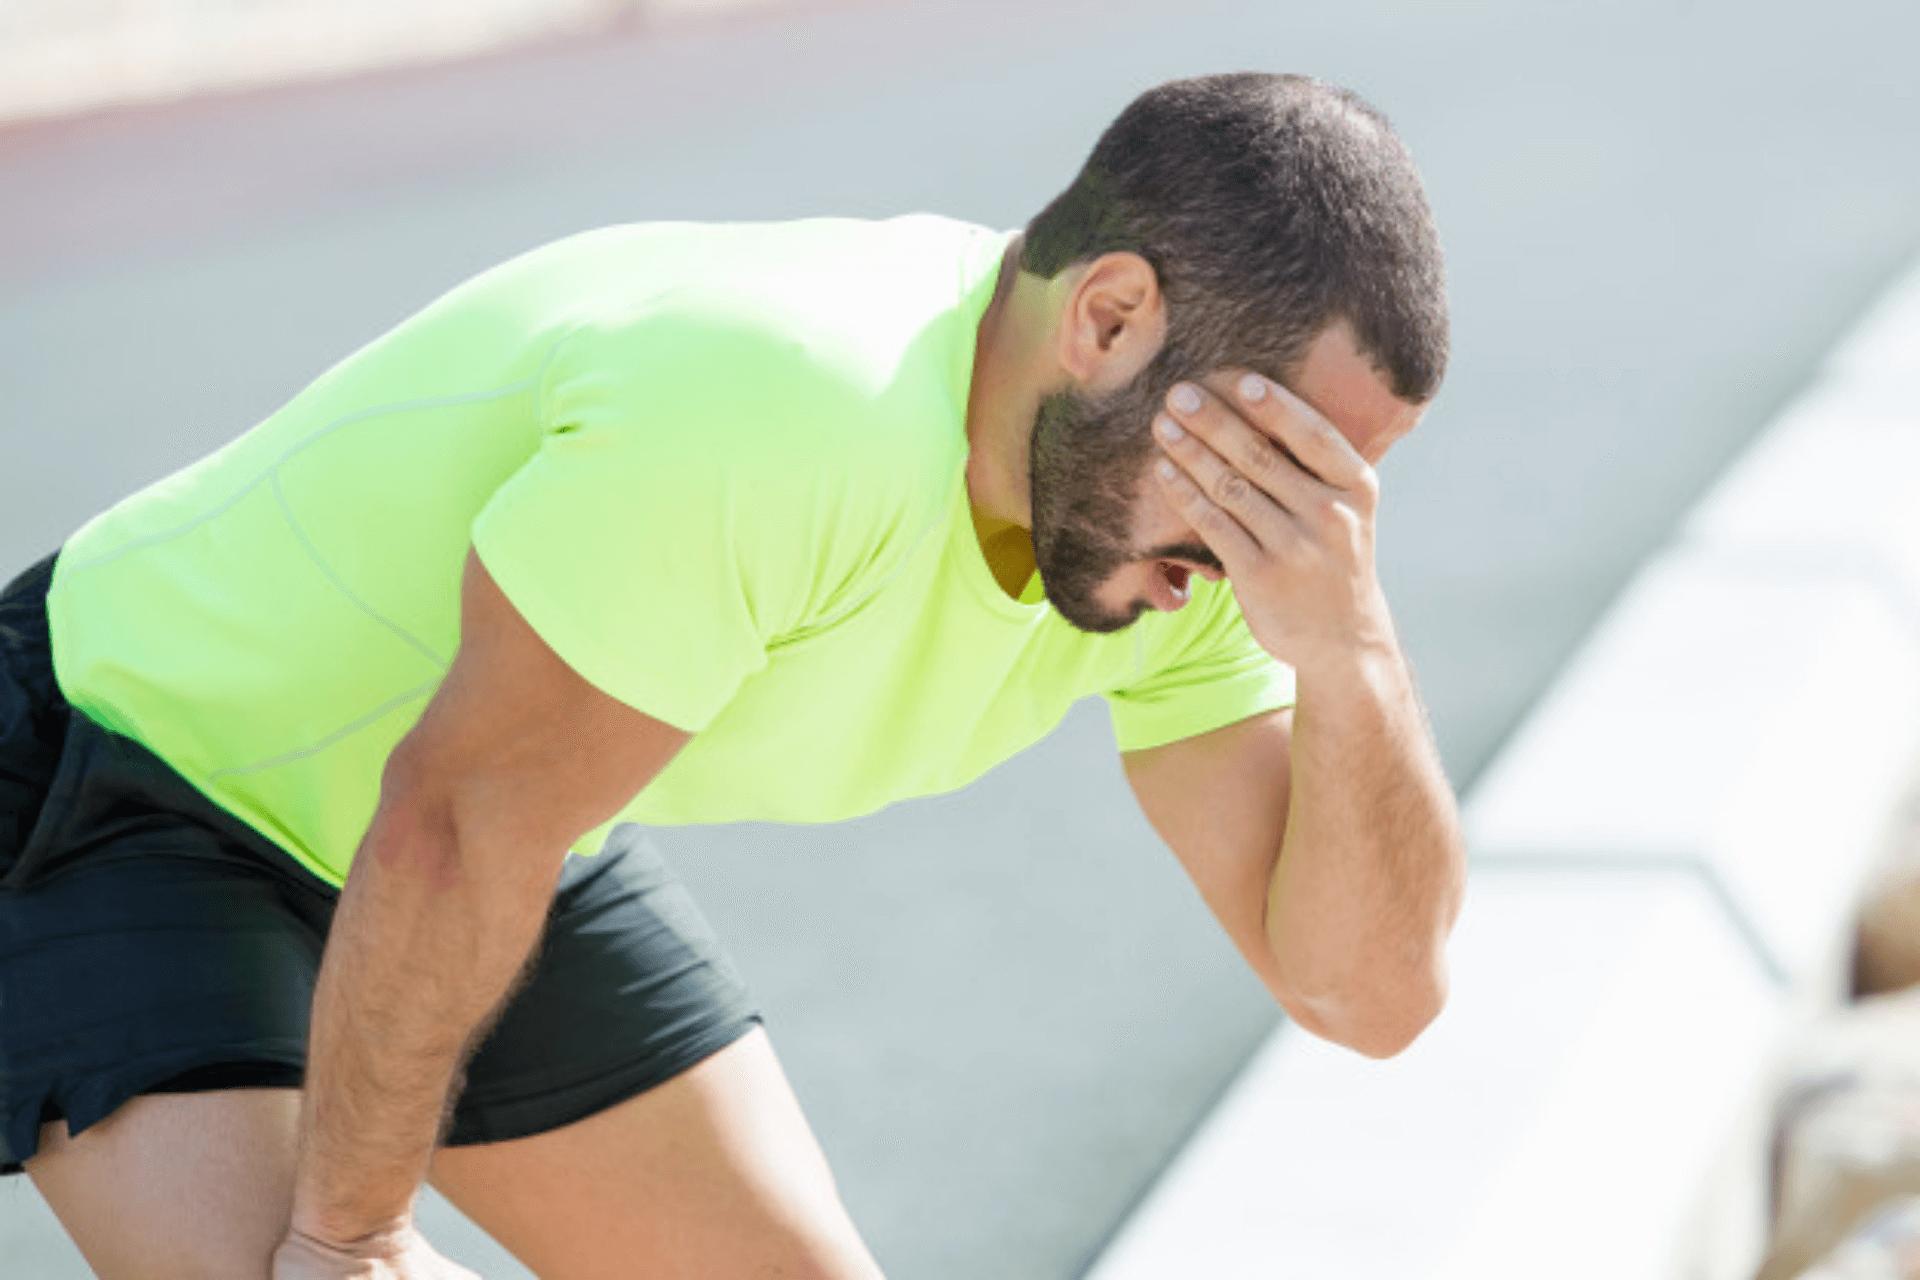 Síndrome de overtraining: Cuidado para não exagerar nos treinamentos